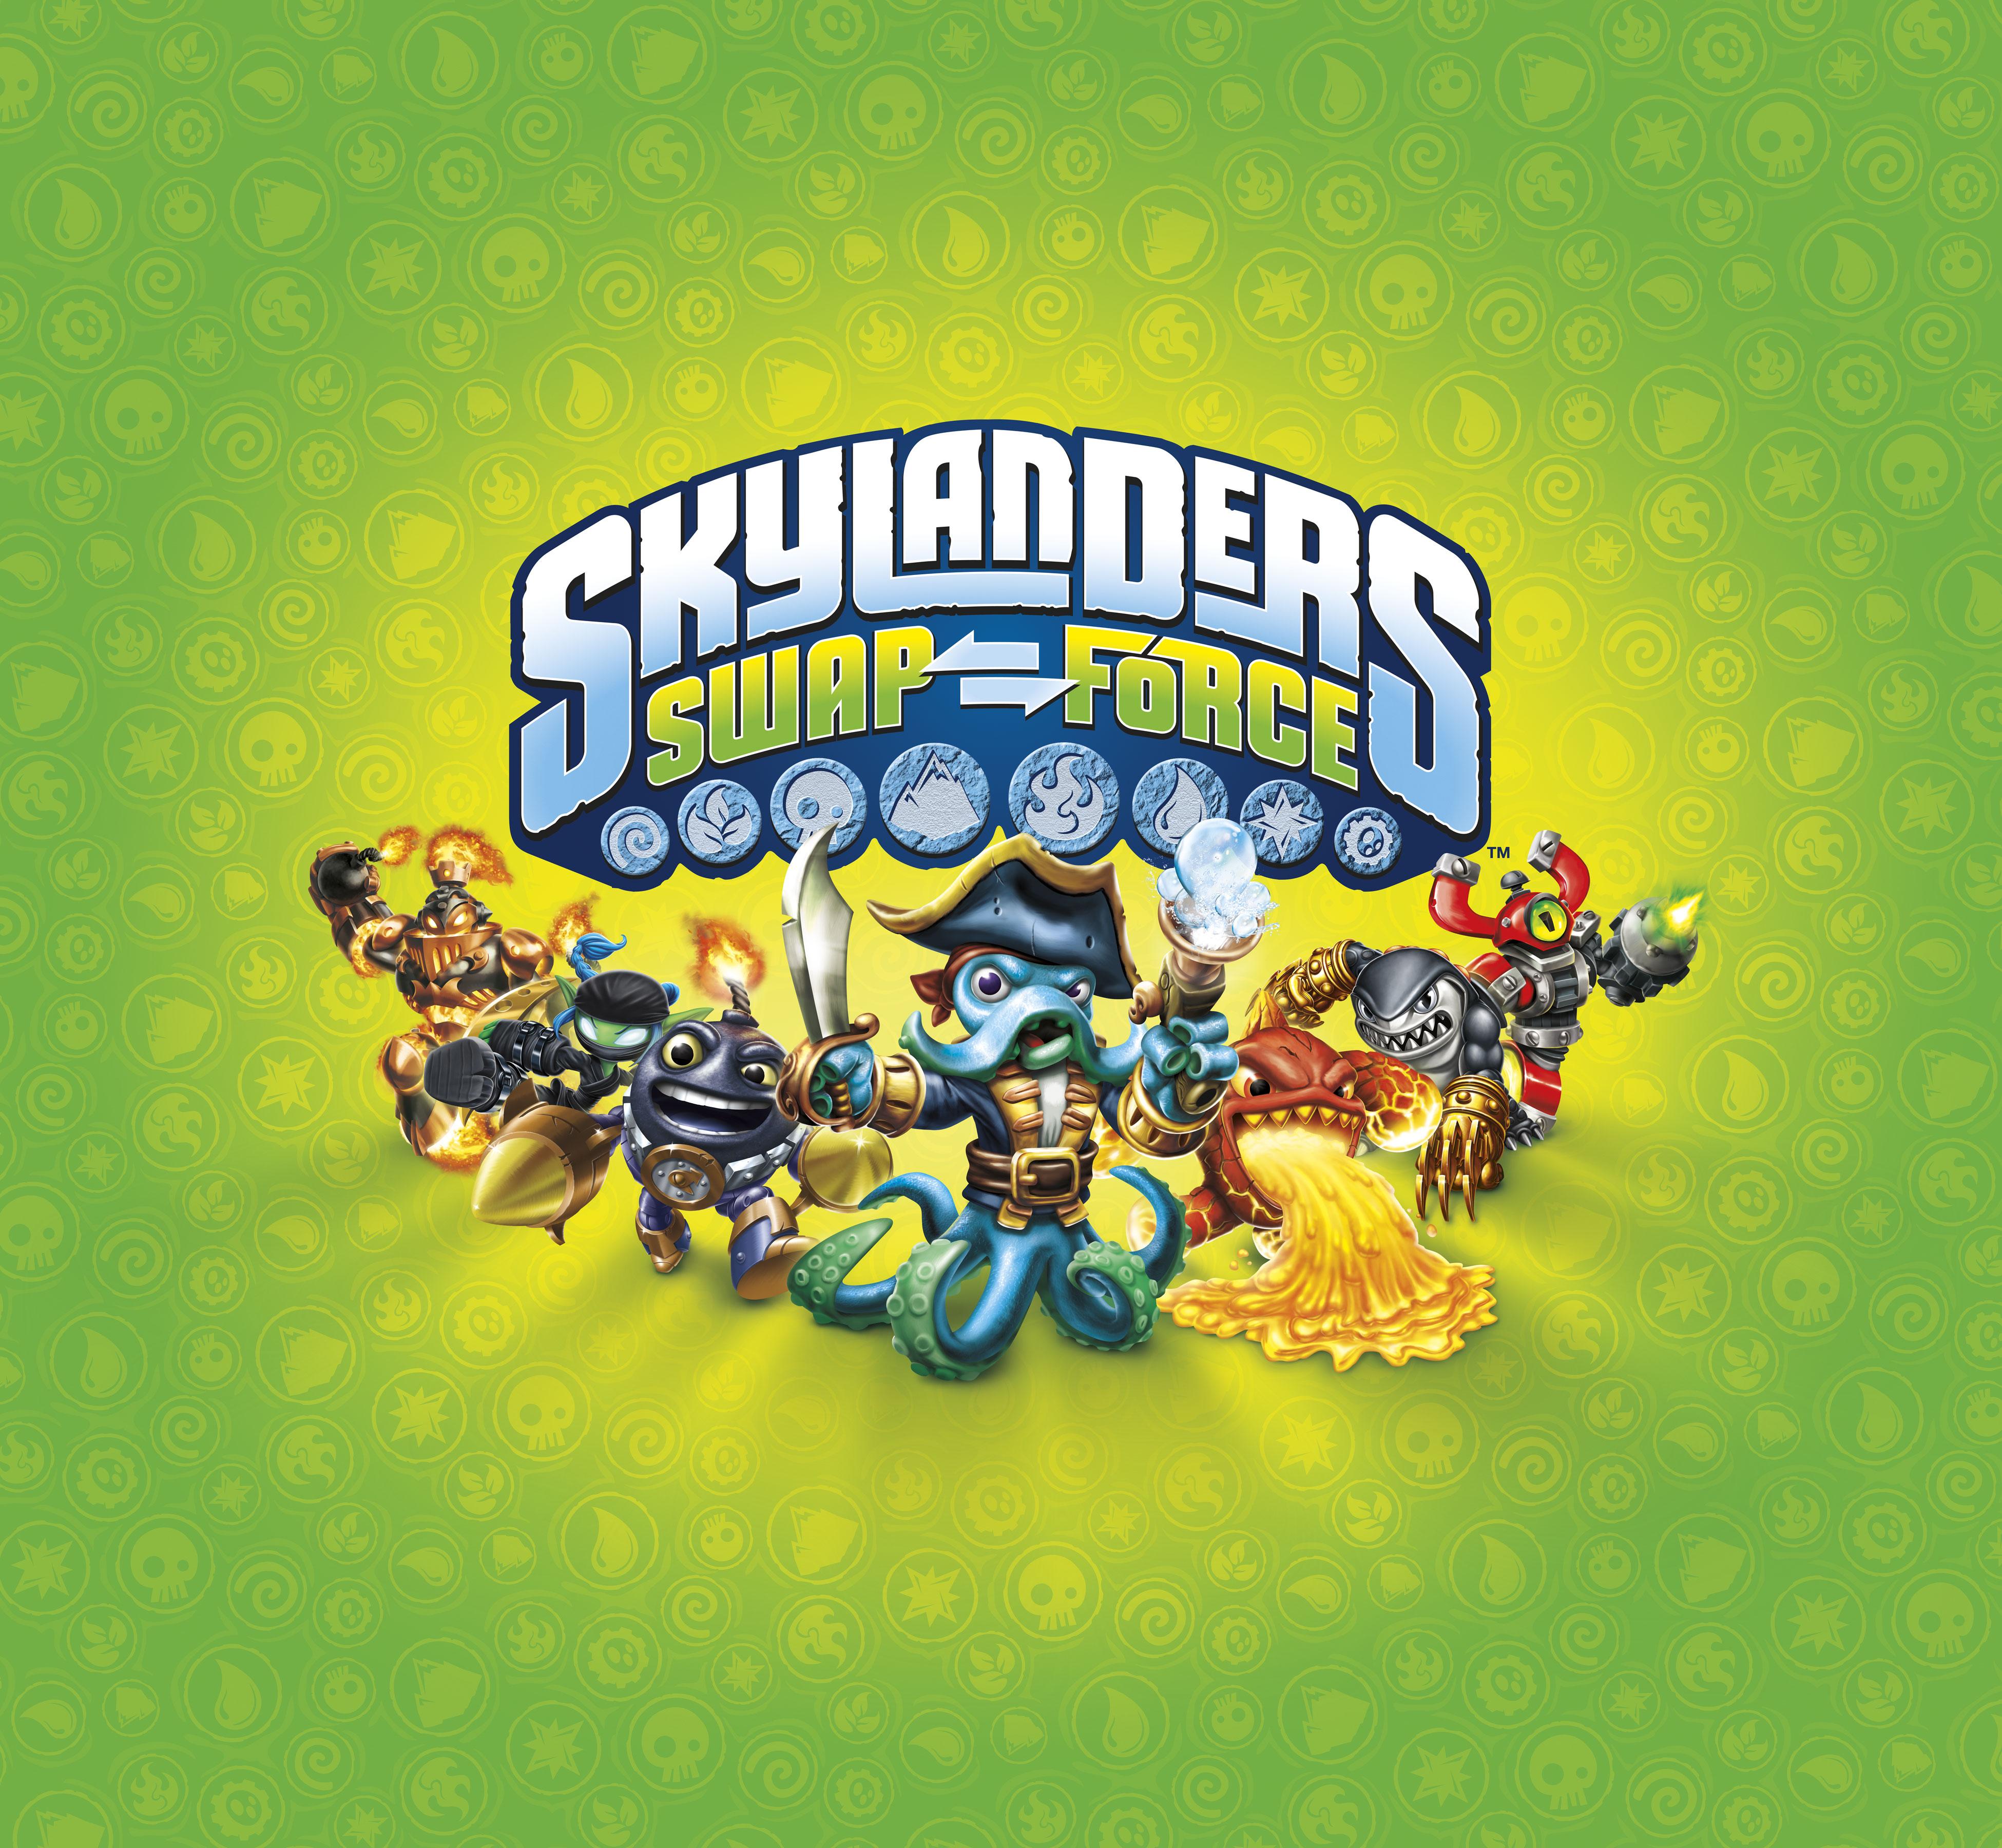 Skylanders - Swap Force